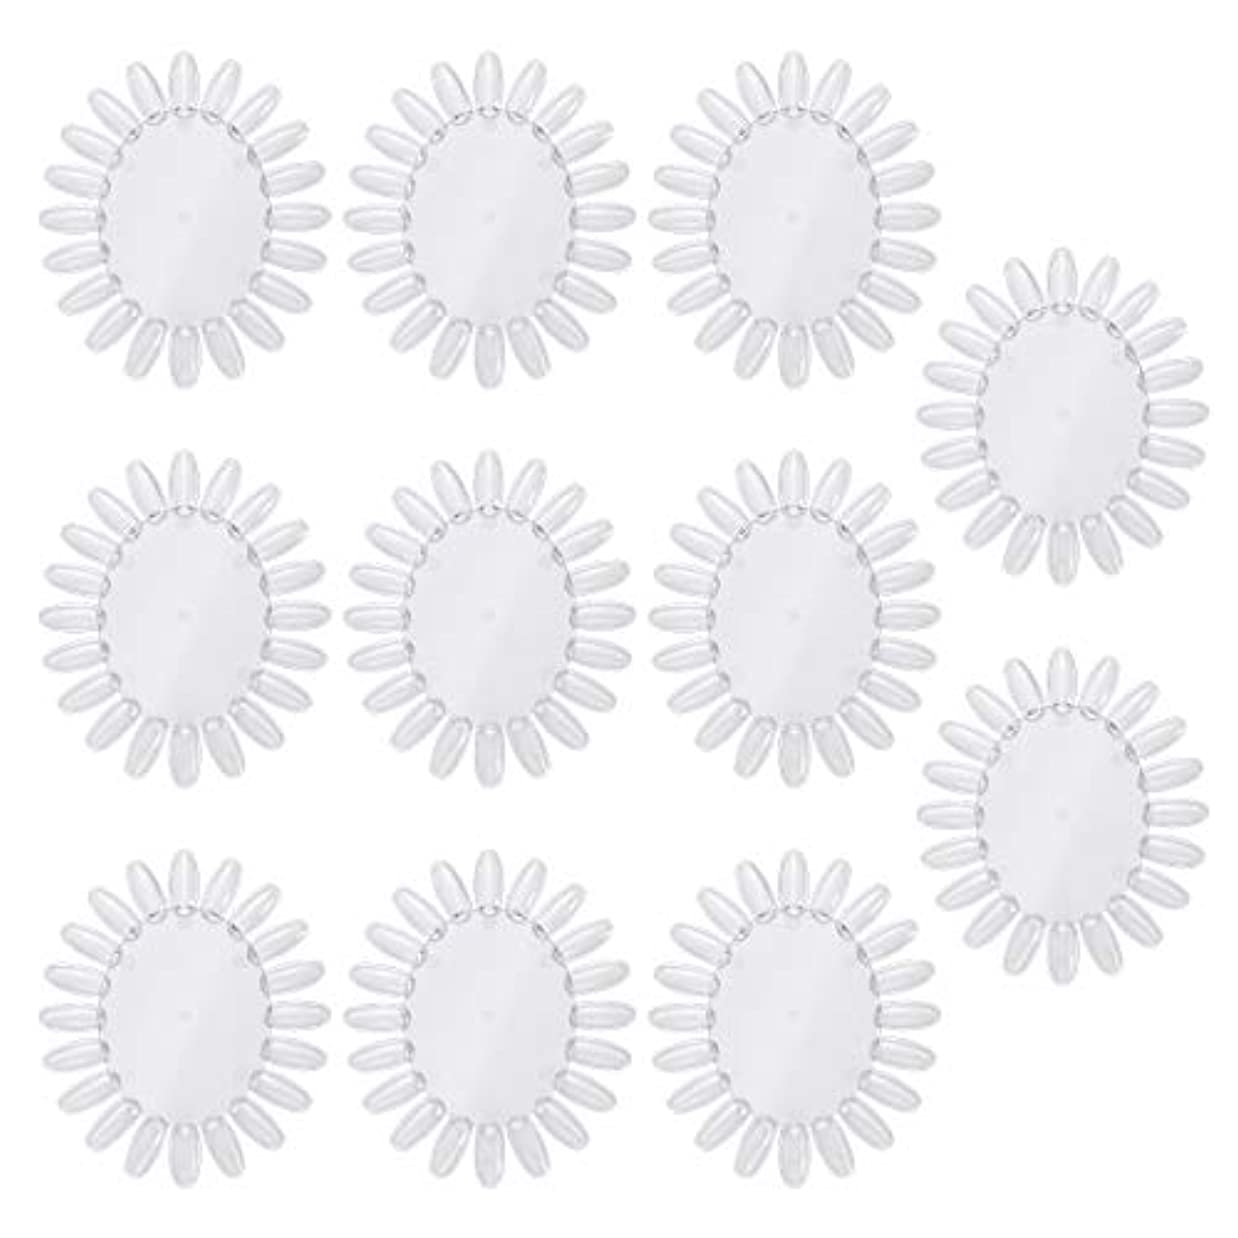 いろいろ鋸歯状スリラーFrcolor 10個アクリルネイルアートプラクティスホイールポリッシュカラーディスプレイチャートネイルカラーパレット(透明)